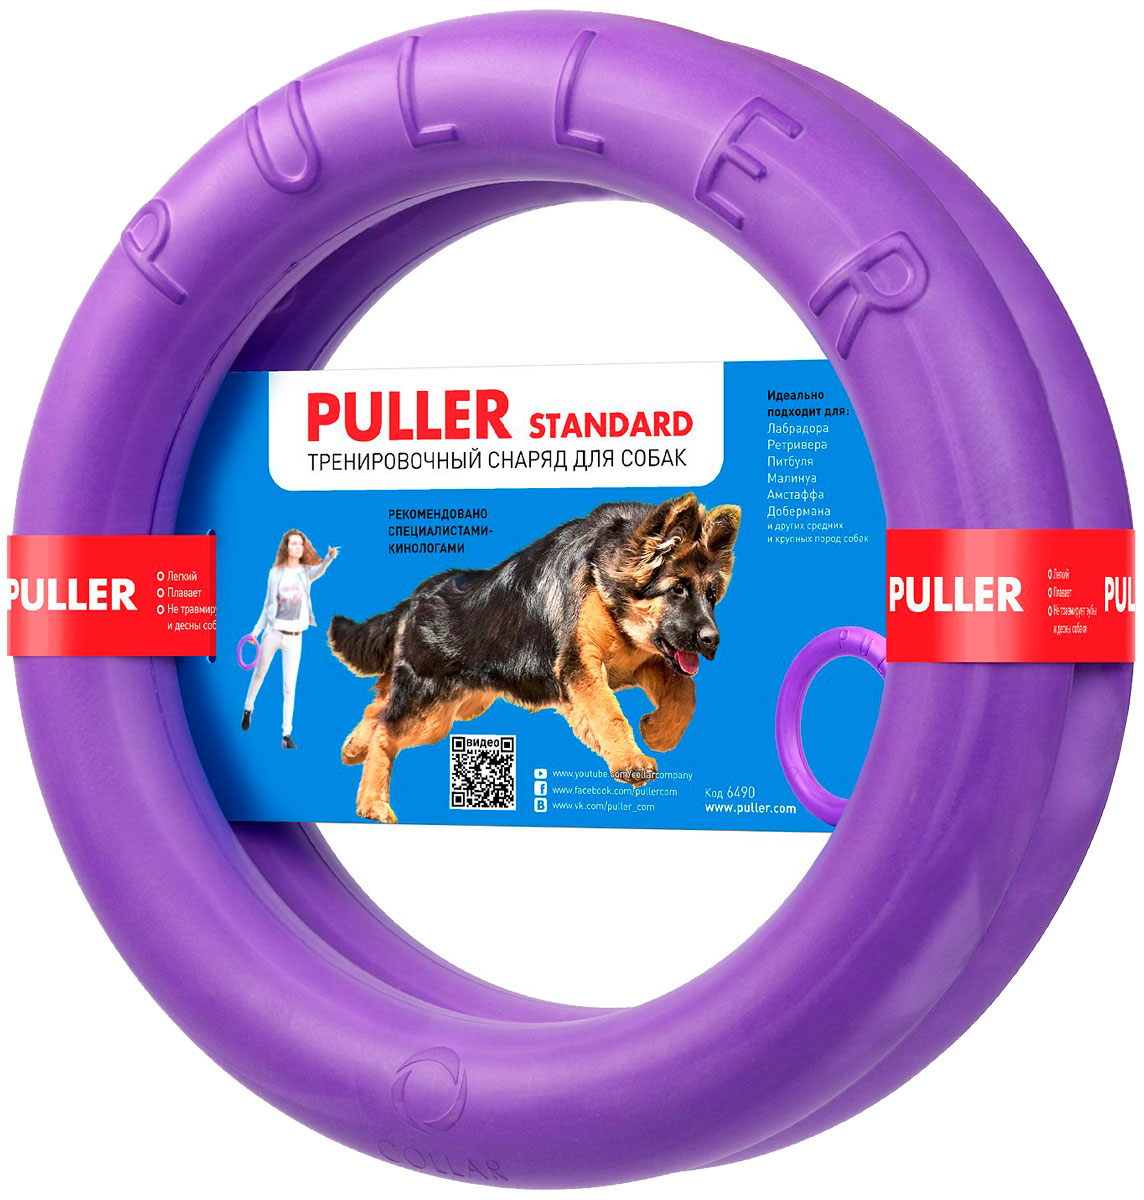 Puller Standart – Пуллер Стандарт игрушка для тренировки собак (2 кольца) (1 шт)